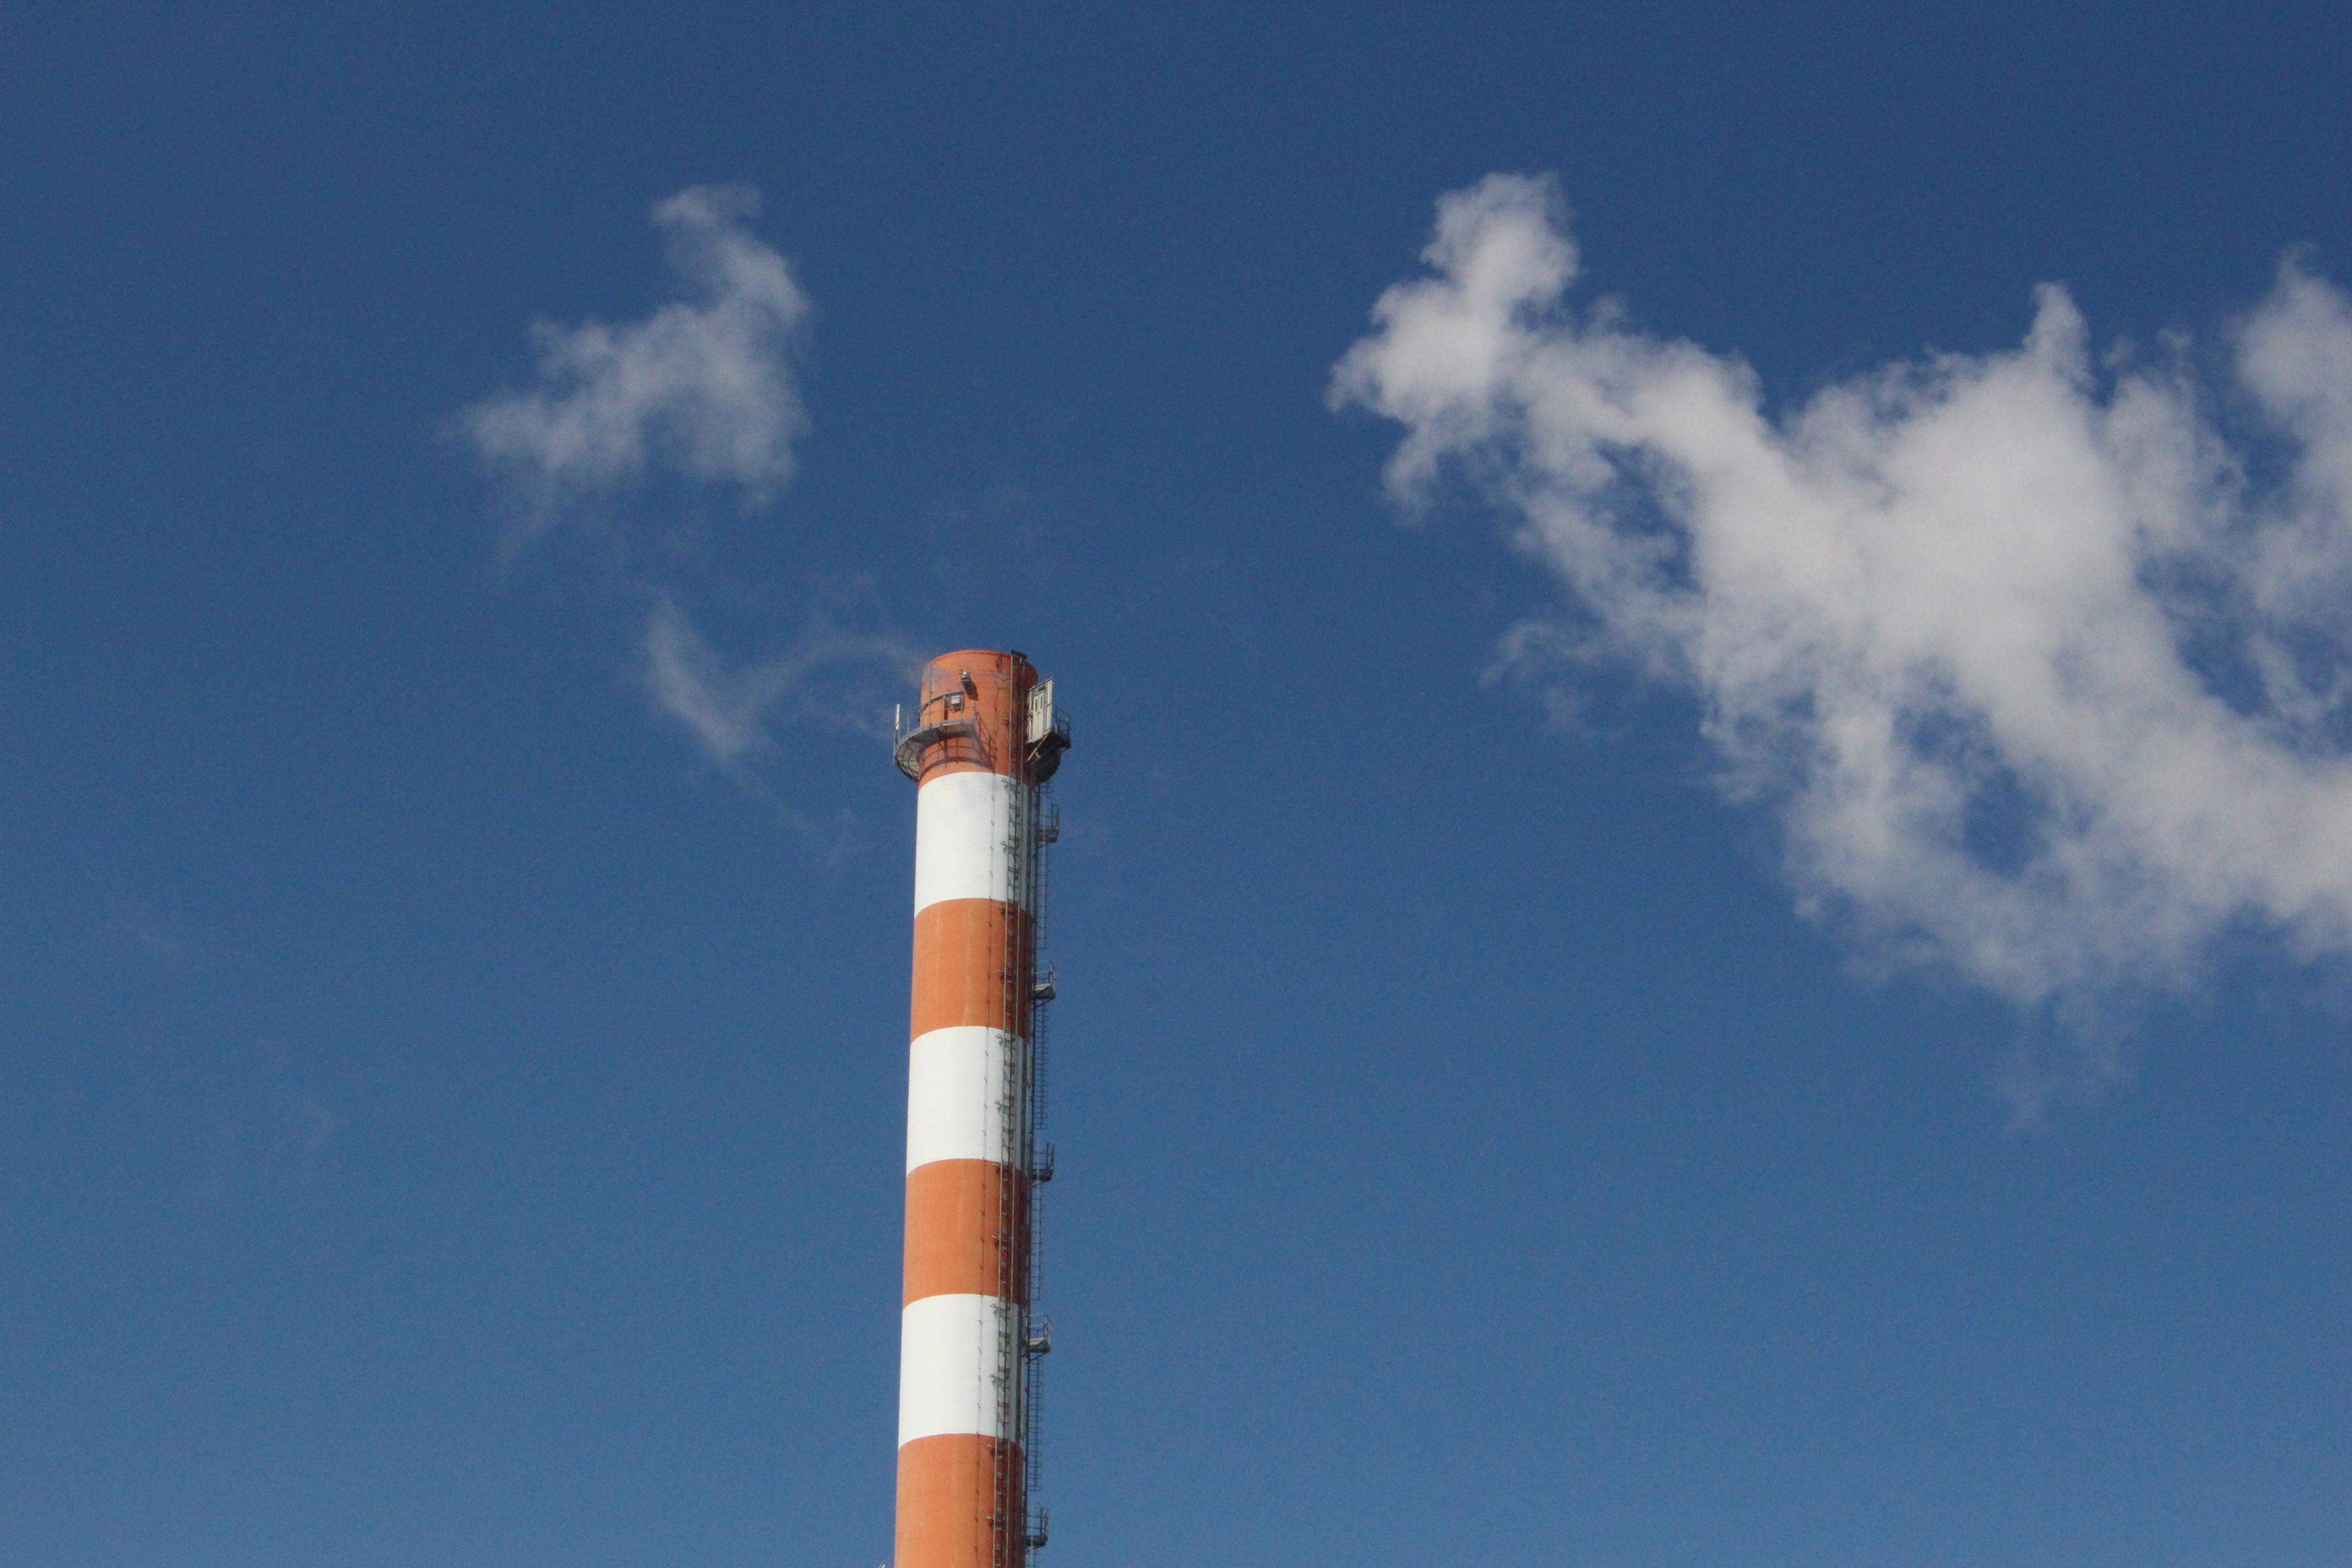 Organizaciones opositoras a la extracción del carbón exigen al gobierno terminar con la cadena de contaminación